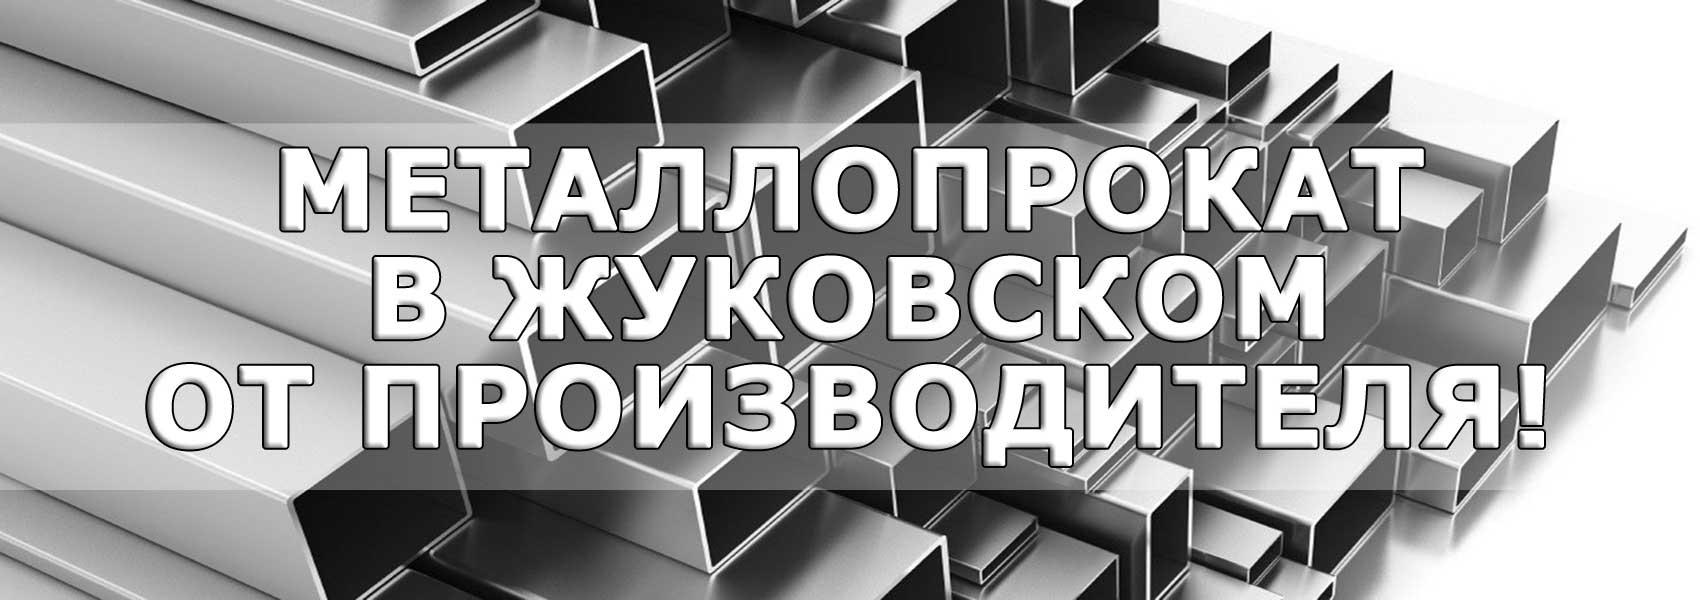 Купить металлопрокат в Жуковском